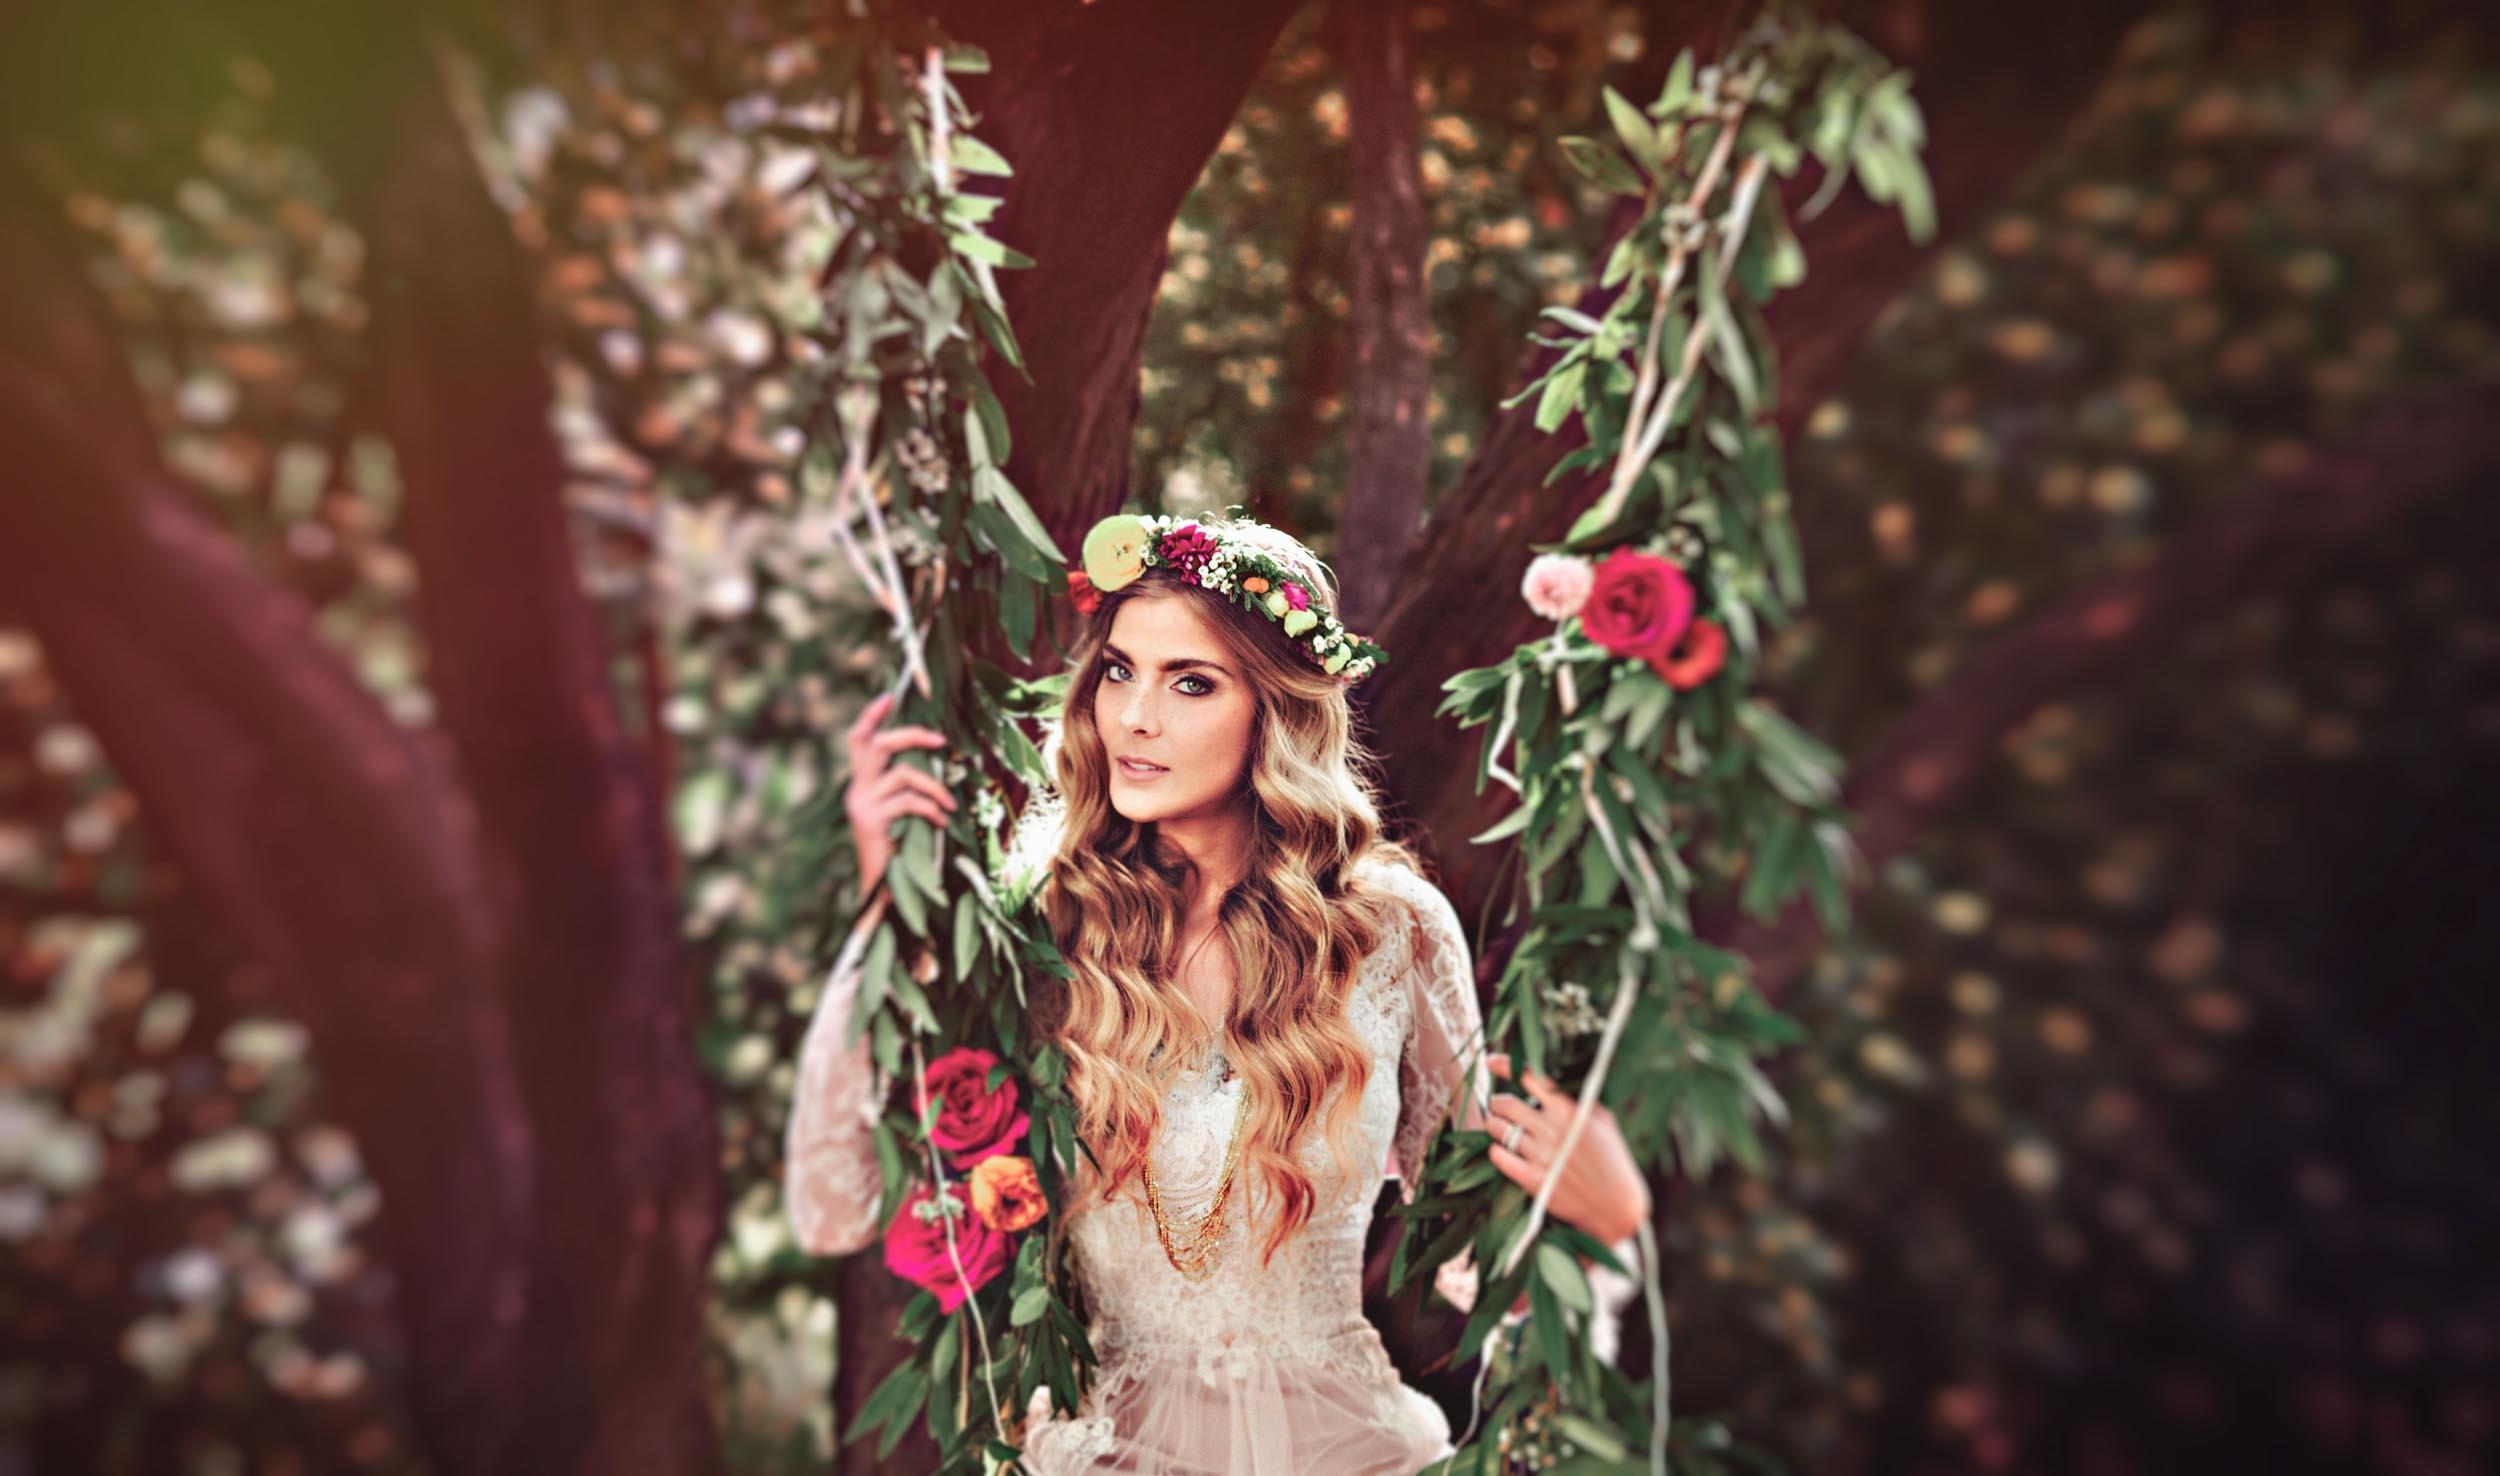 weddings-elchorro-01.jpg